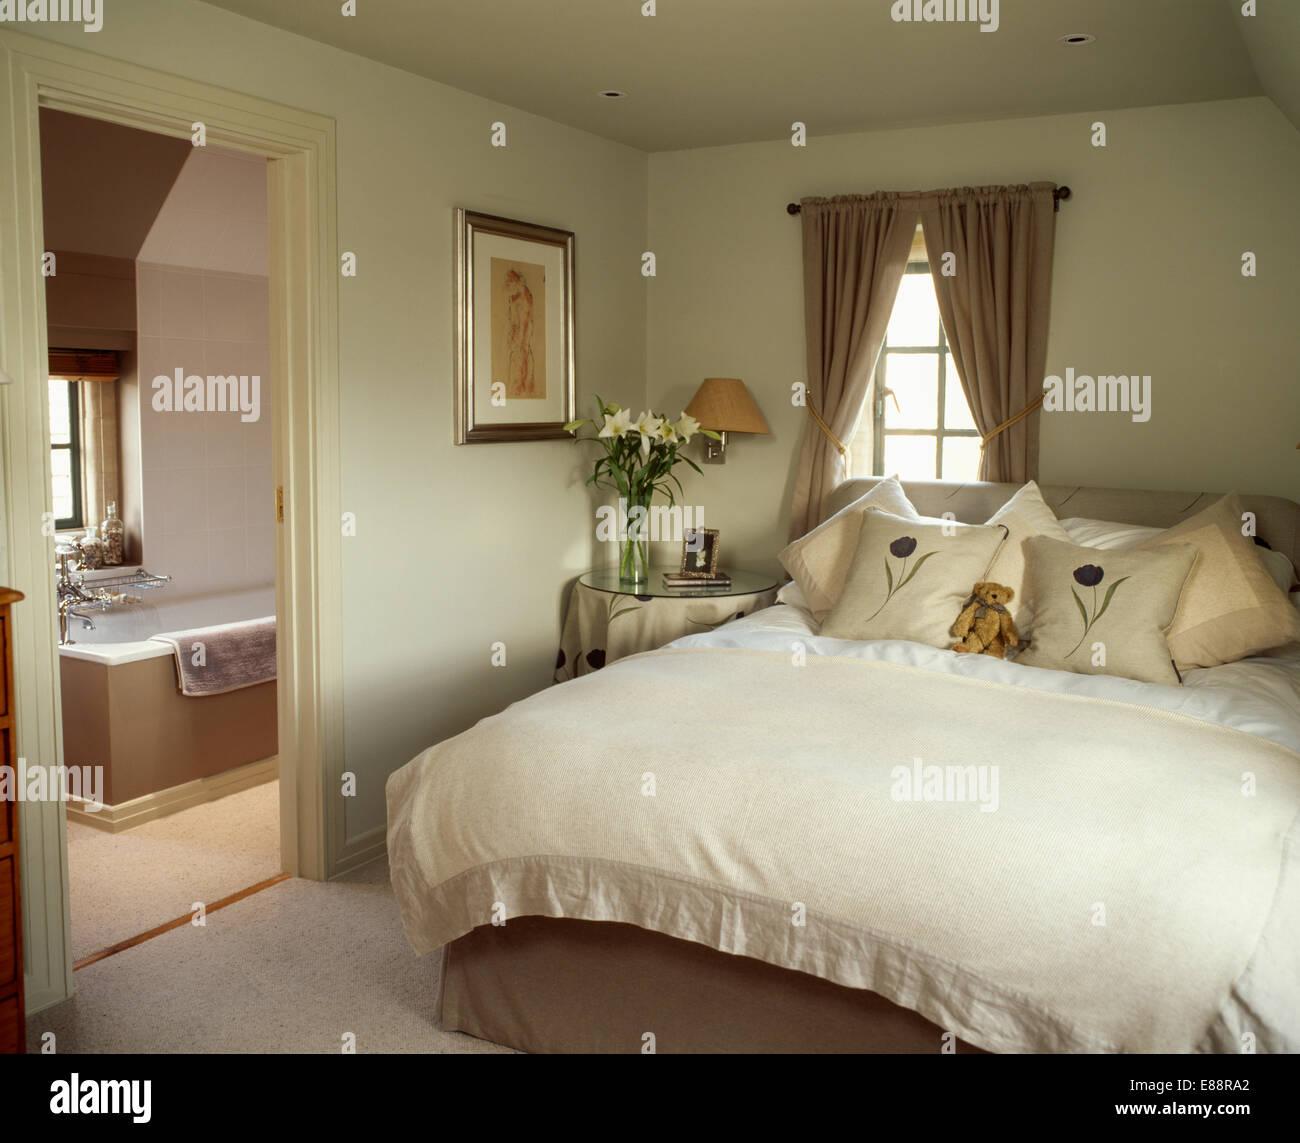 Linen edged cream fleece bed cover and cream cushions on bed in cream  bedroom with door open to ensuite bathroom. Linen edged cream fleece bed cover and cream cushions on bed in